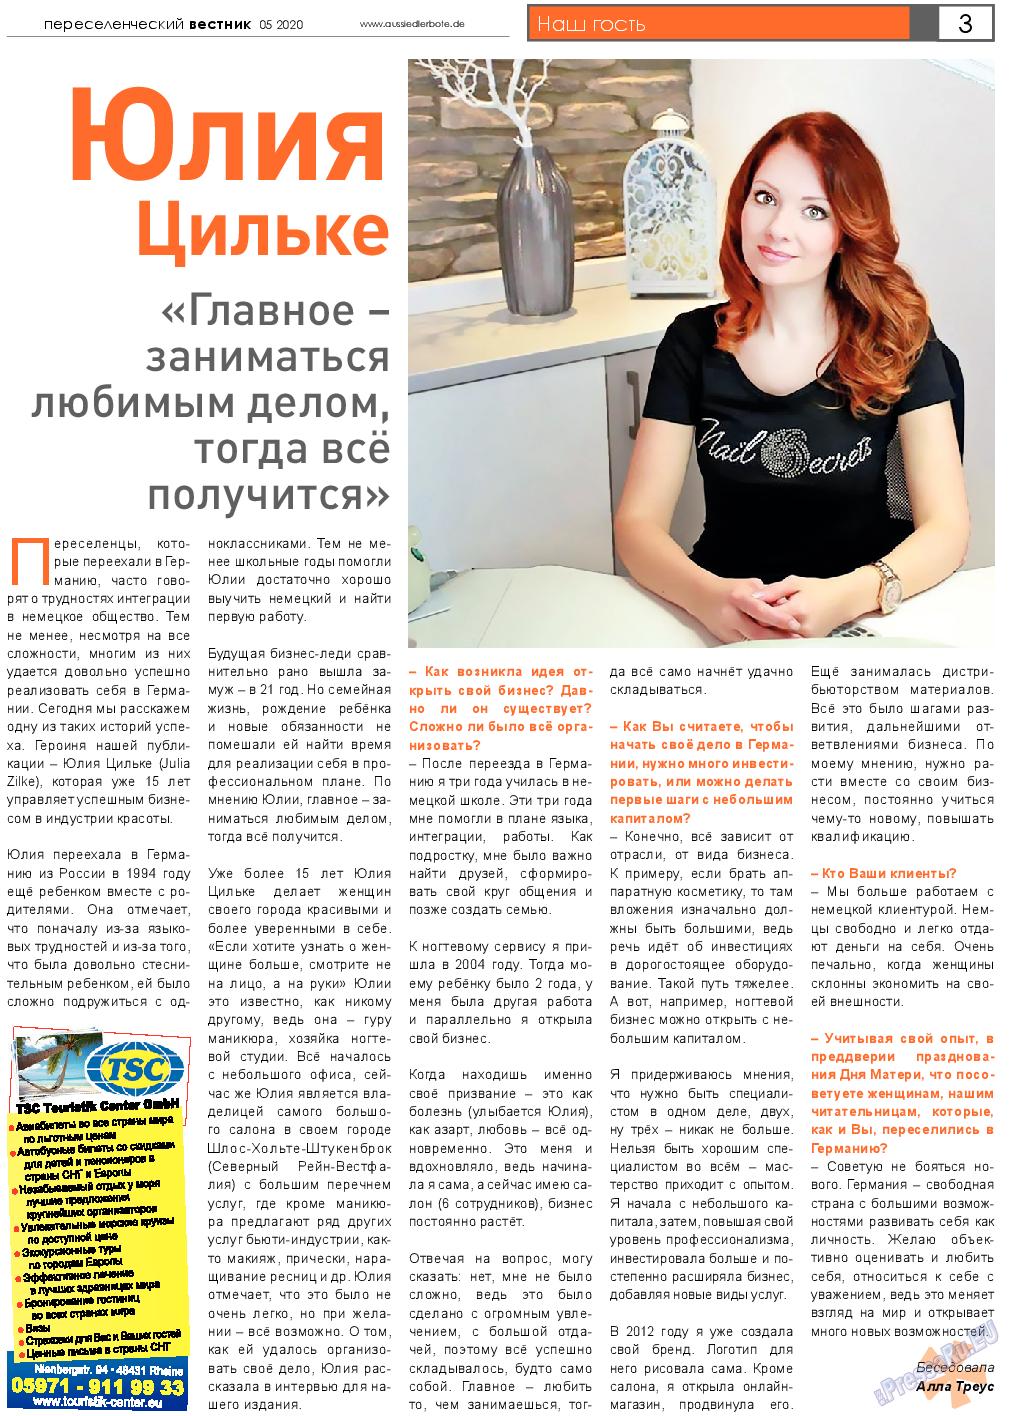 Переселенческий вестник (газета). 2020 год, номер 5, стр. 3